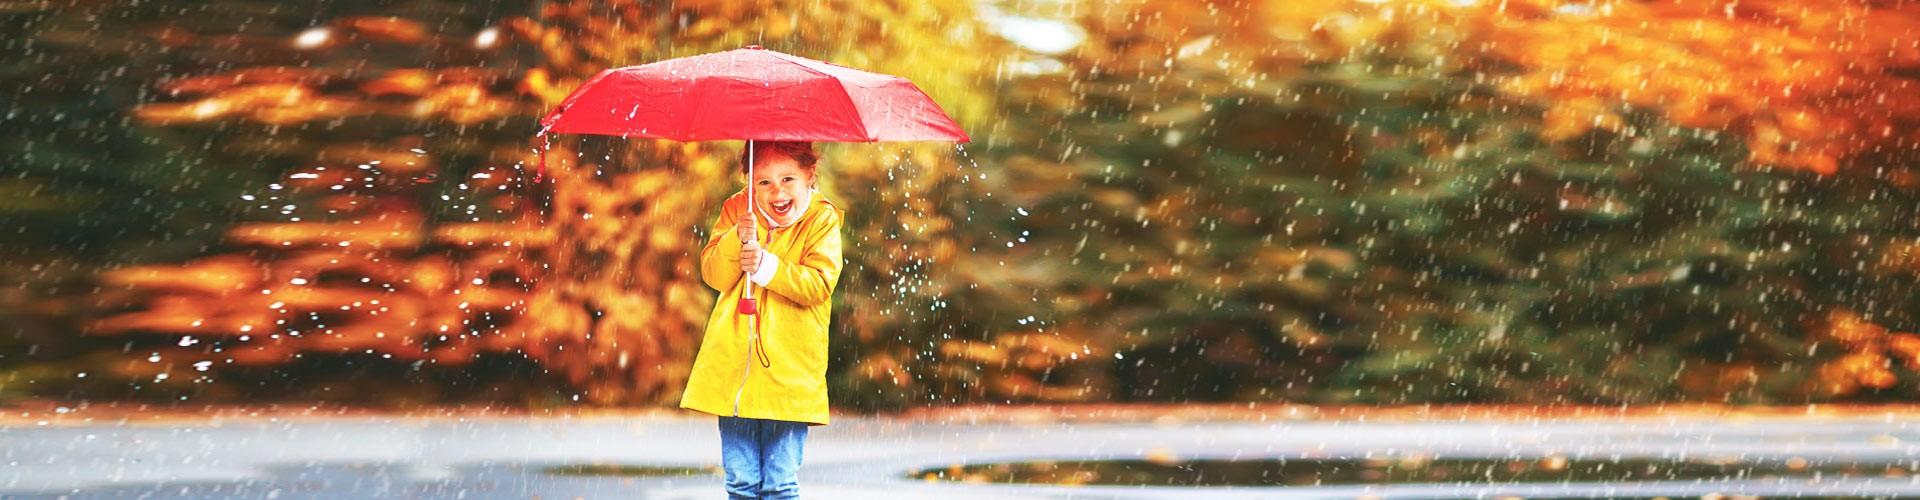 Wir informieren Sie rechtzeitig über das Wetter in Berchtesgaden!